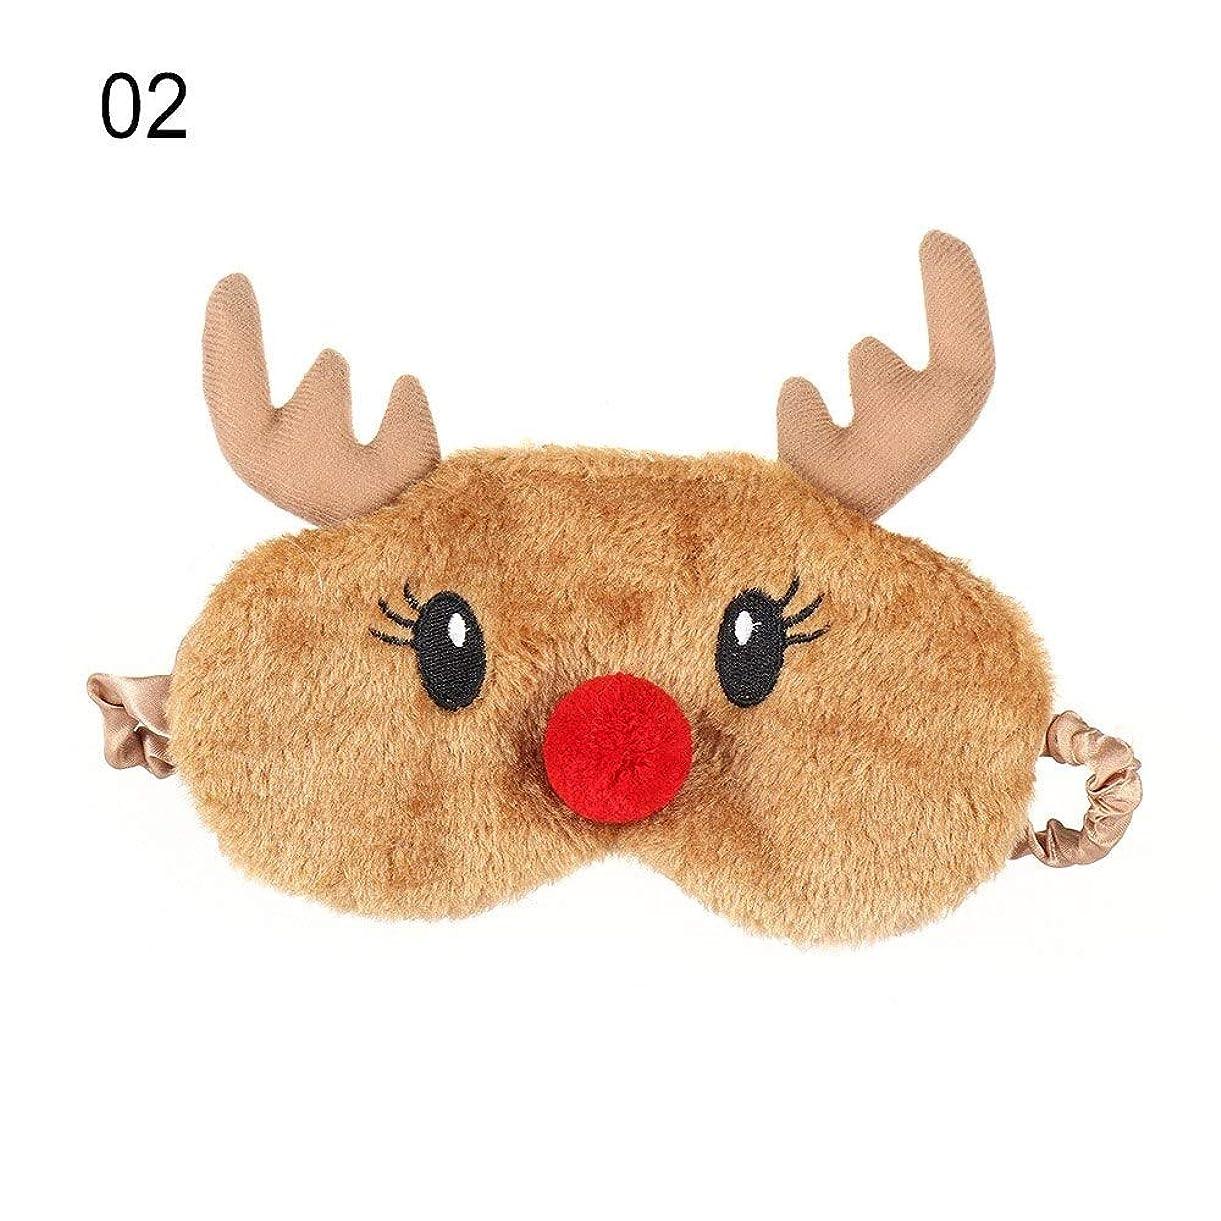 アテンダント砦重量NOTE かわいいクリスマスプレゼント漫画鹿アイカバーぬいぐるみ布睡眠マスクナチュラル睡眠アイマスクアイシェードかわいいアイシェード